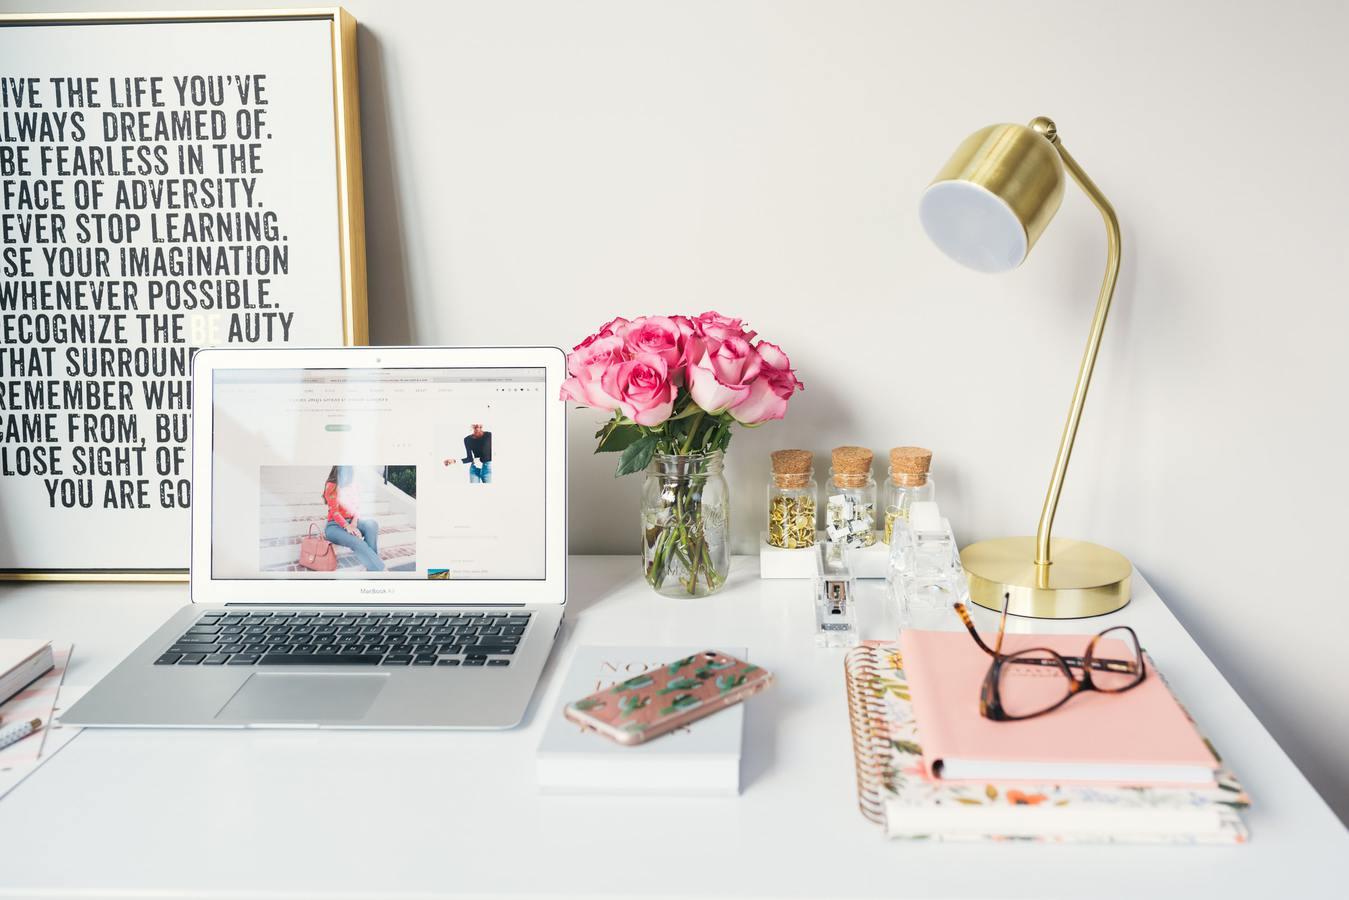 Bureau met een motivatie poster, een lamp en een laptop